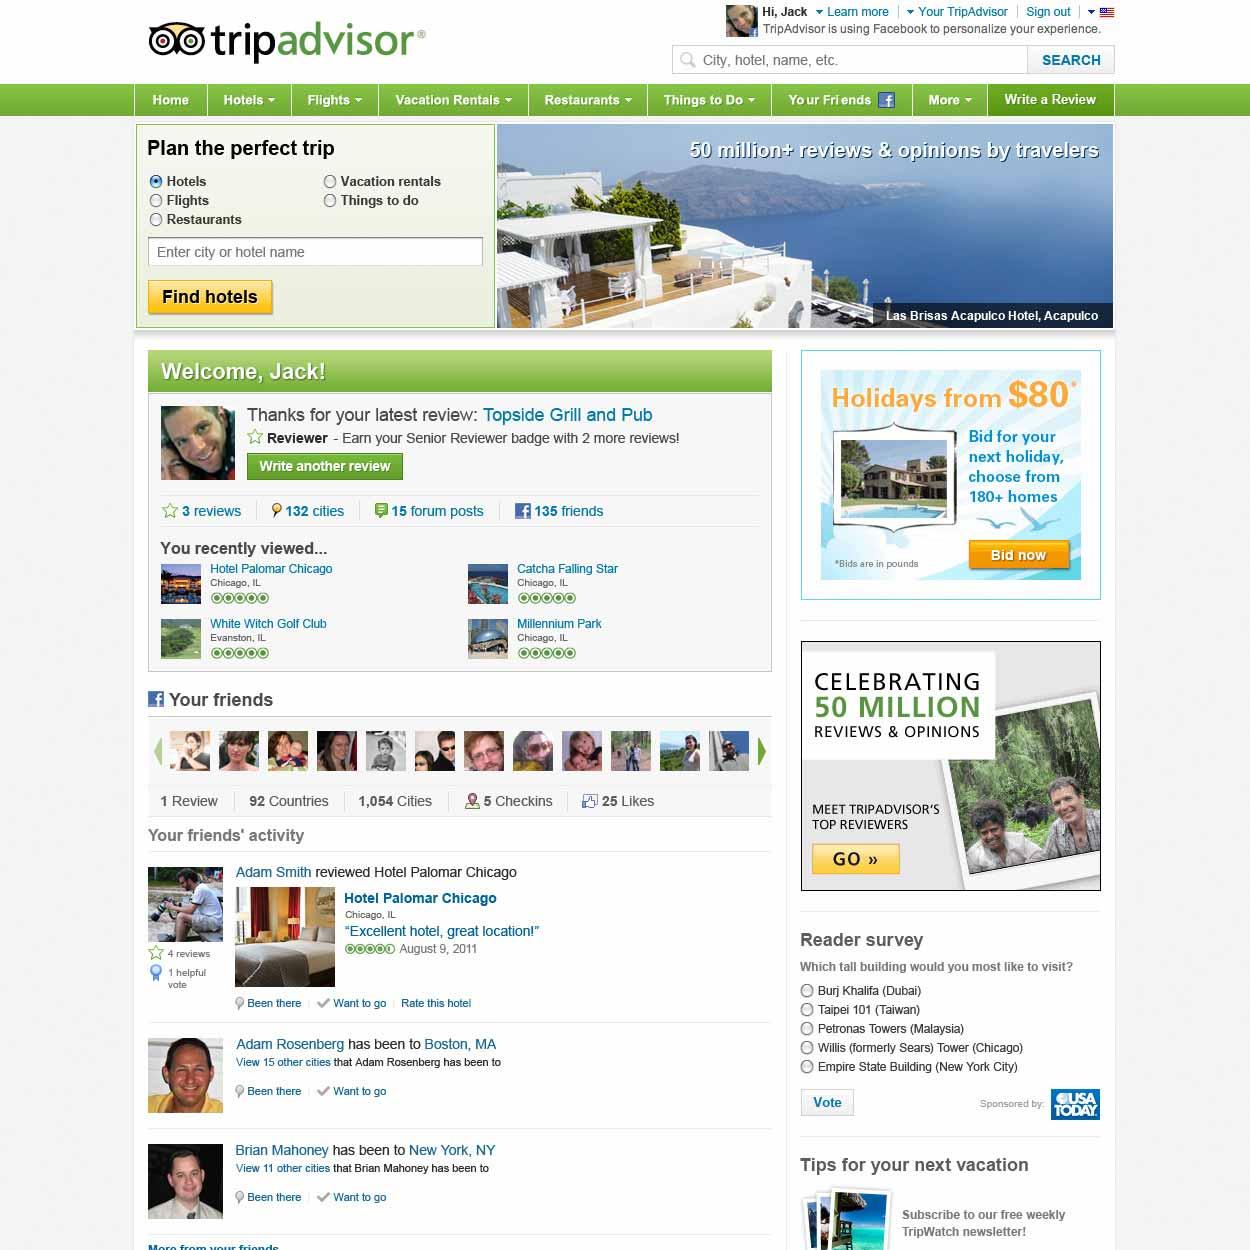 tripadvisor-hp.jpg